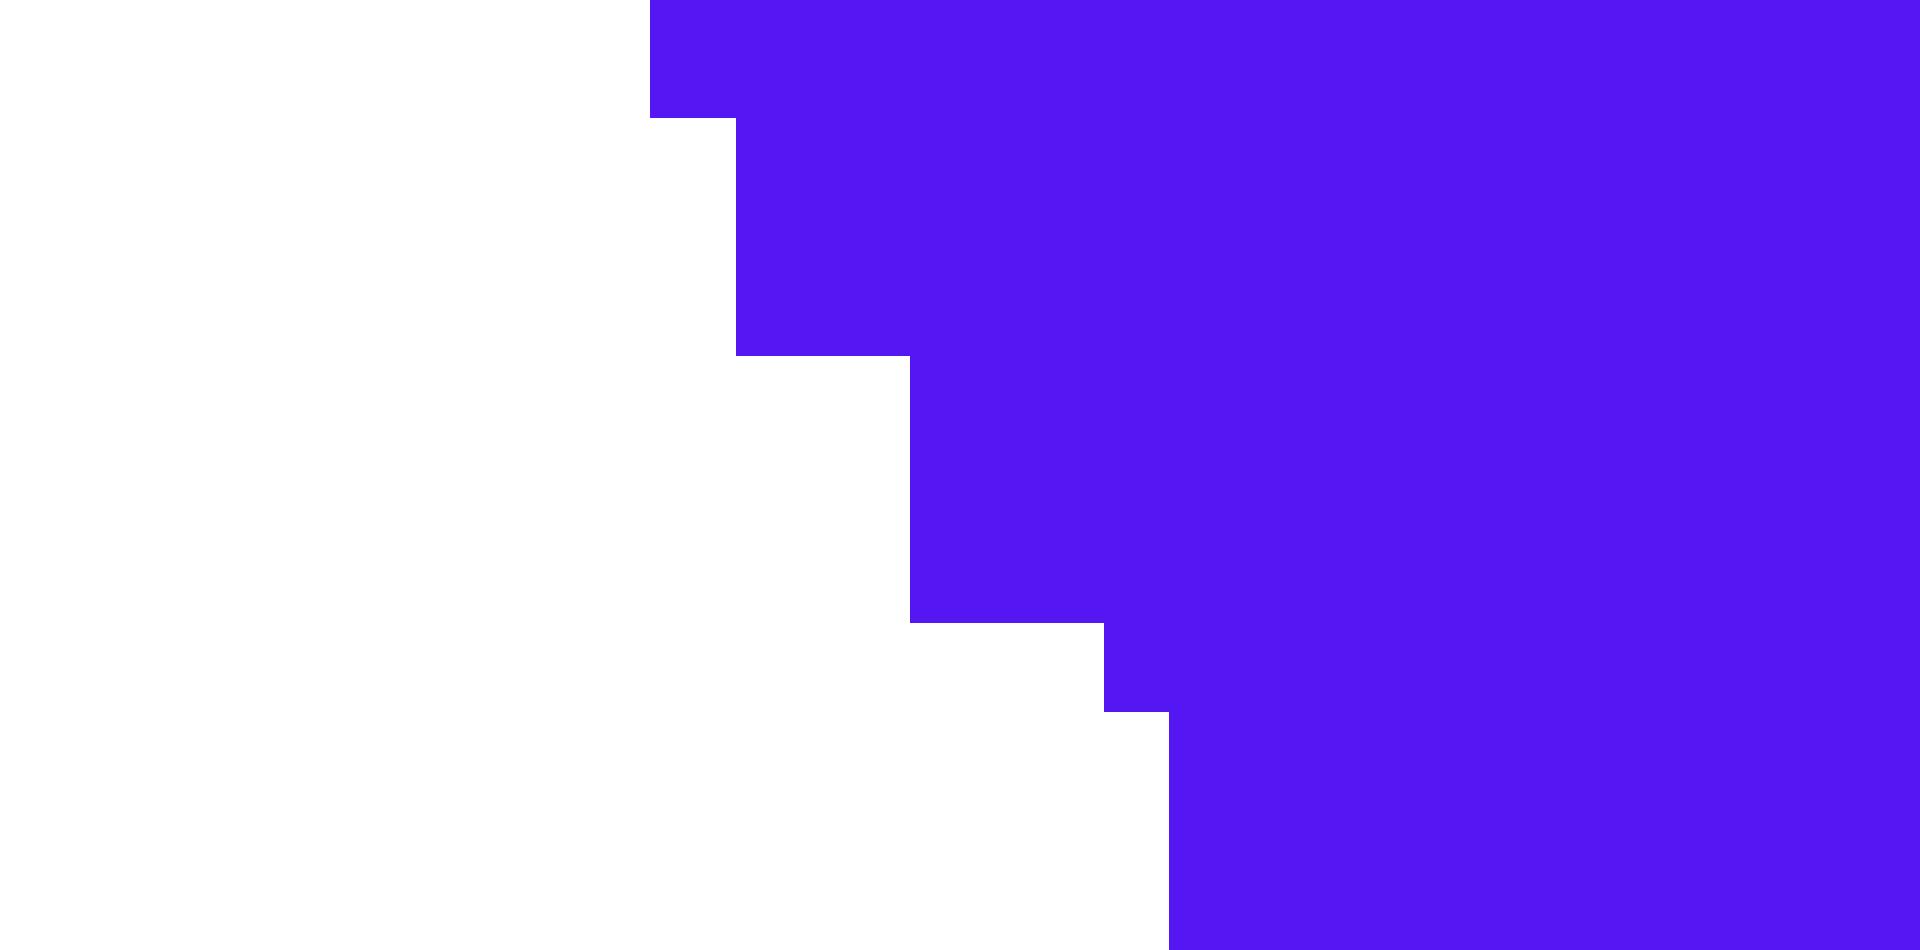 Allen-St-slider-purple-overlay